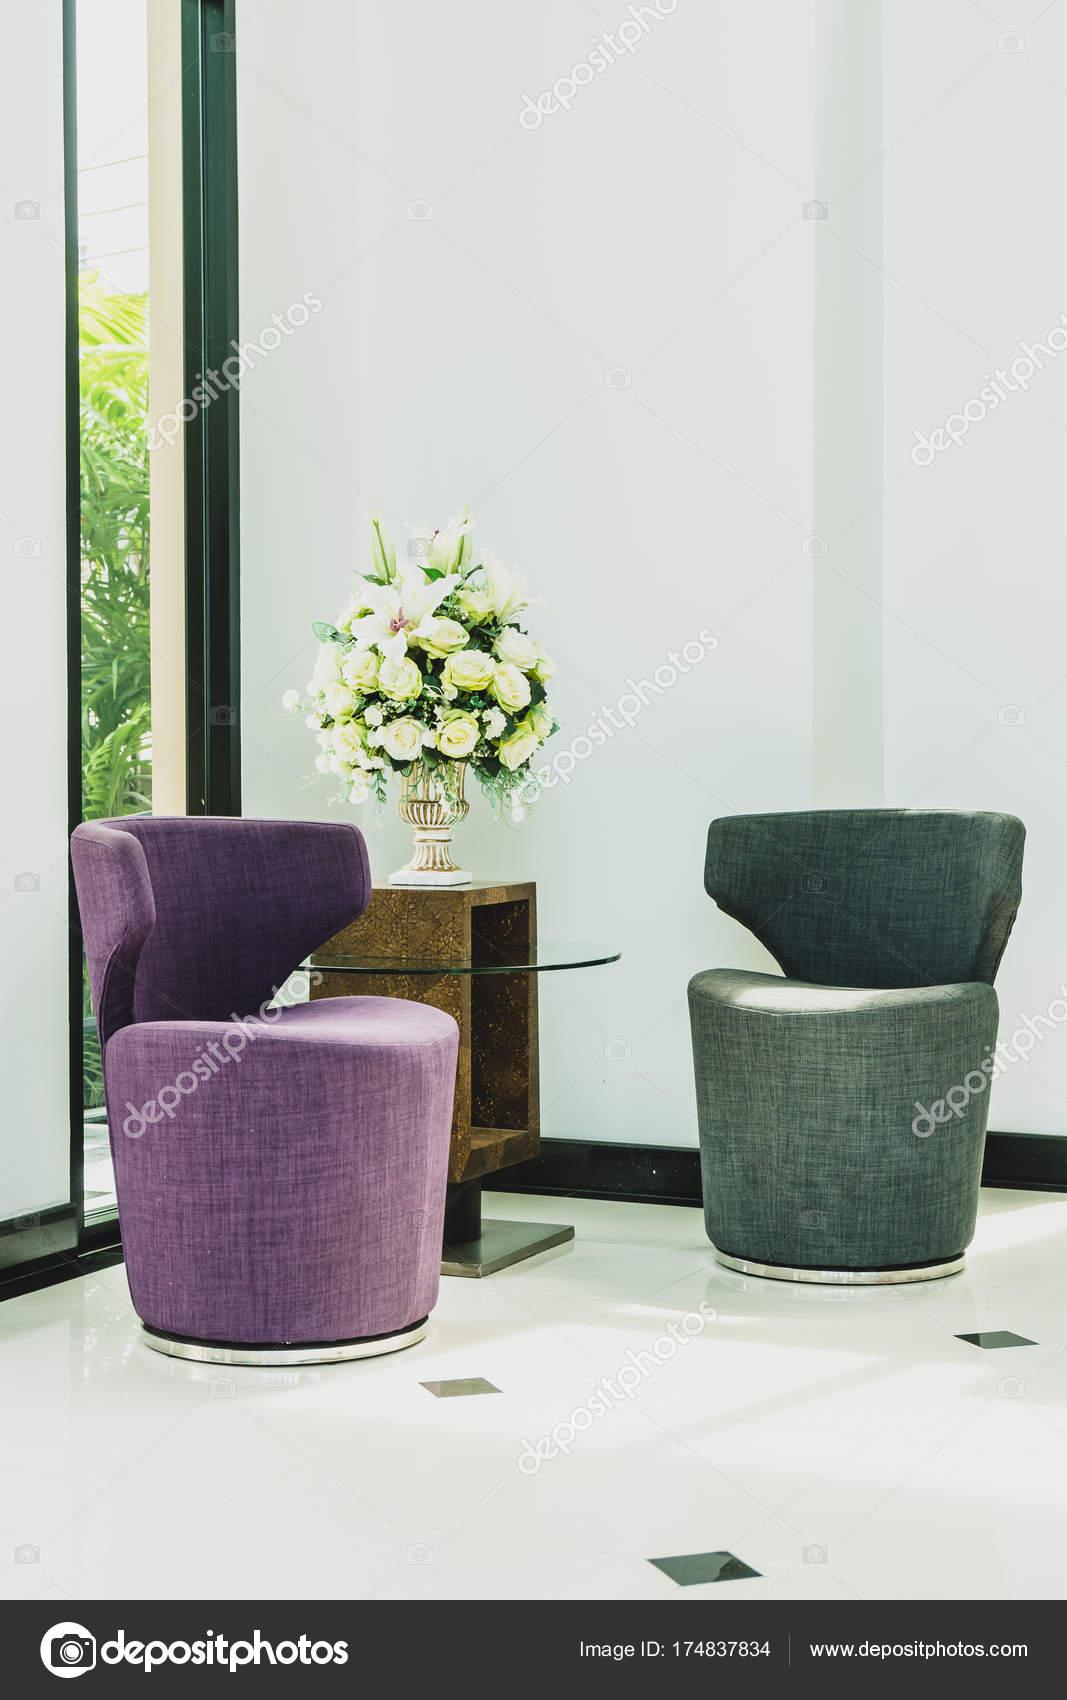 Sofa und Vase Blume Dekoration Interieur — Stockfoto © mrsiraphol ...